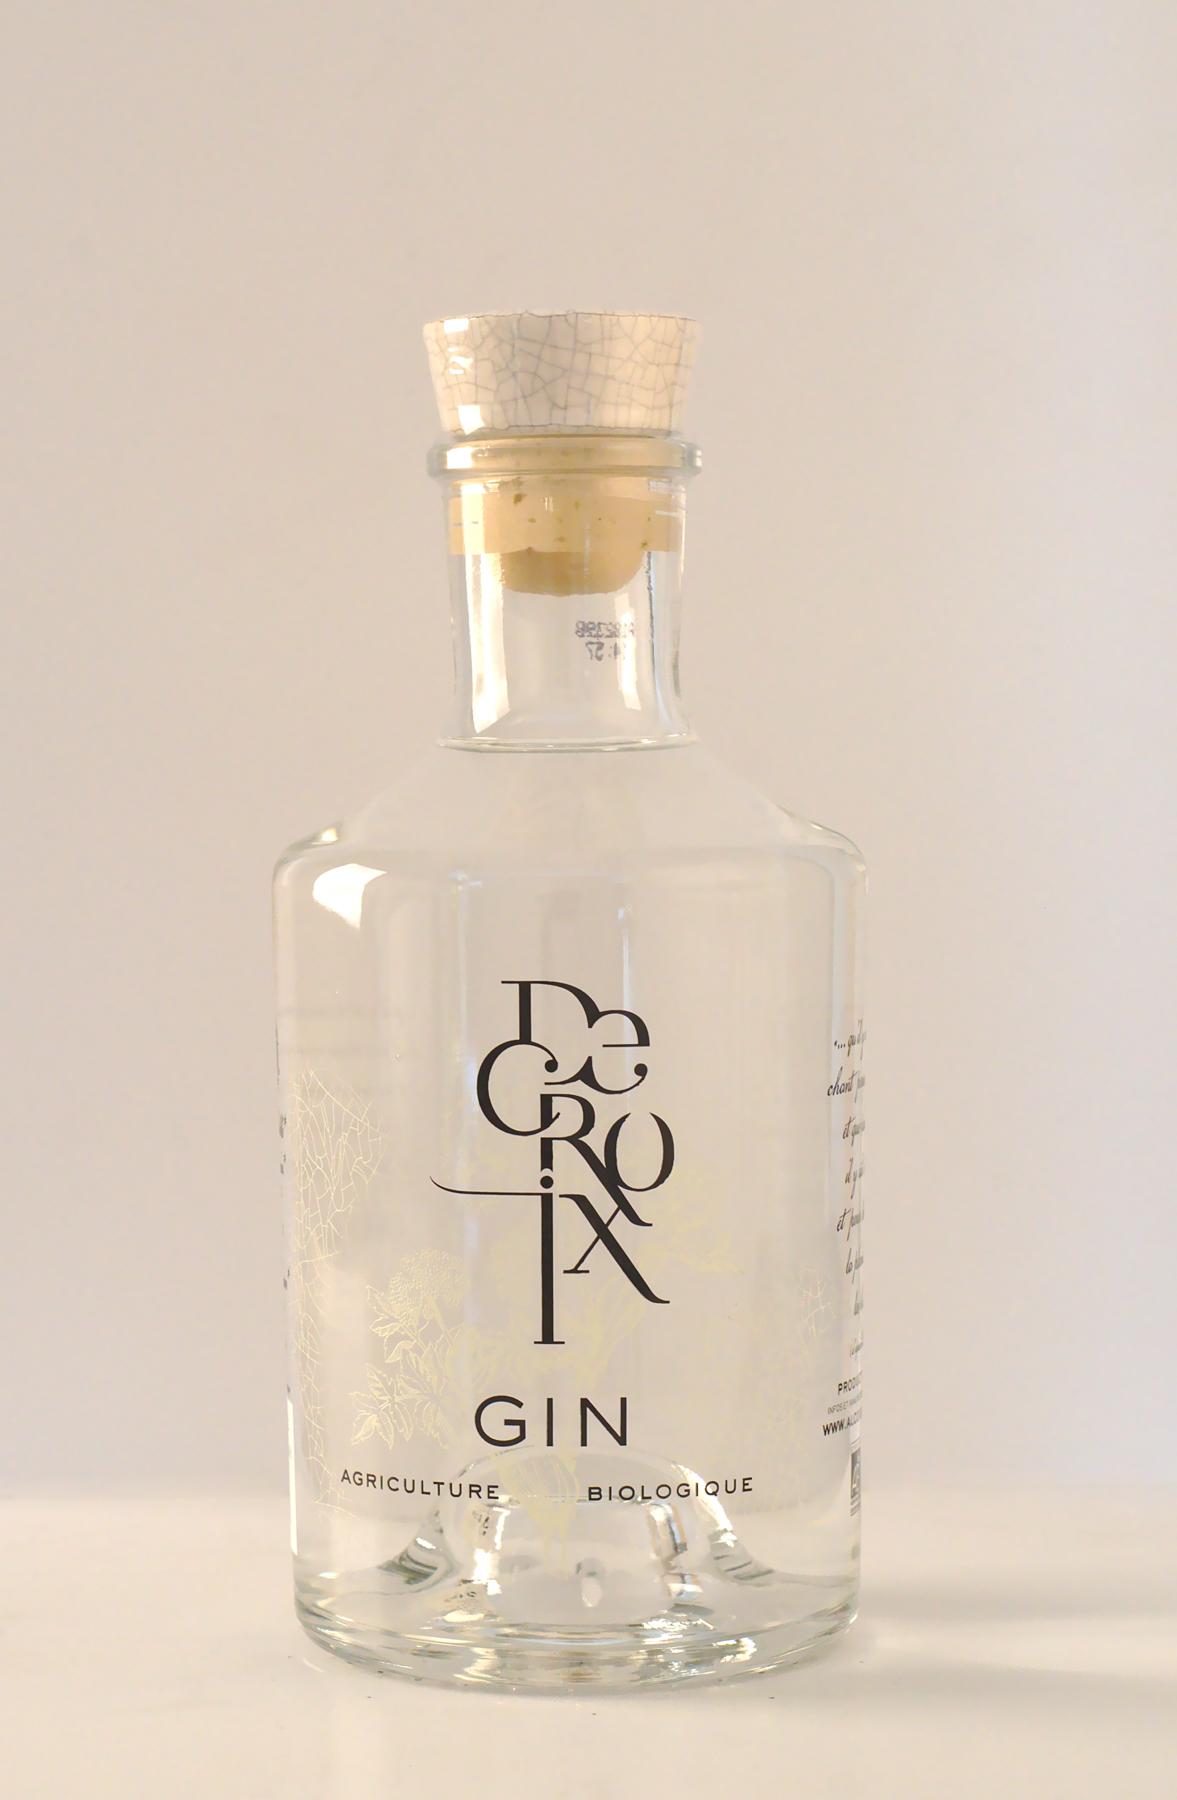 Gin bio